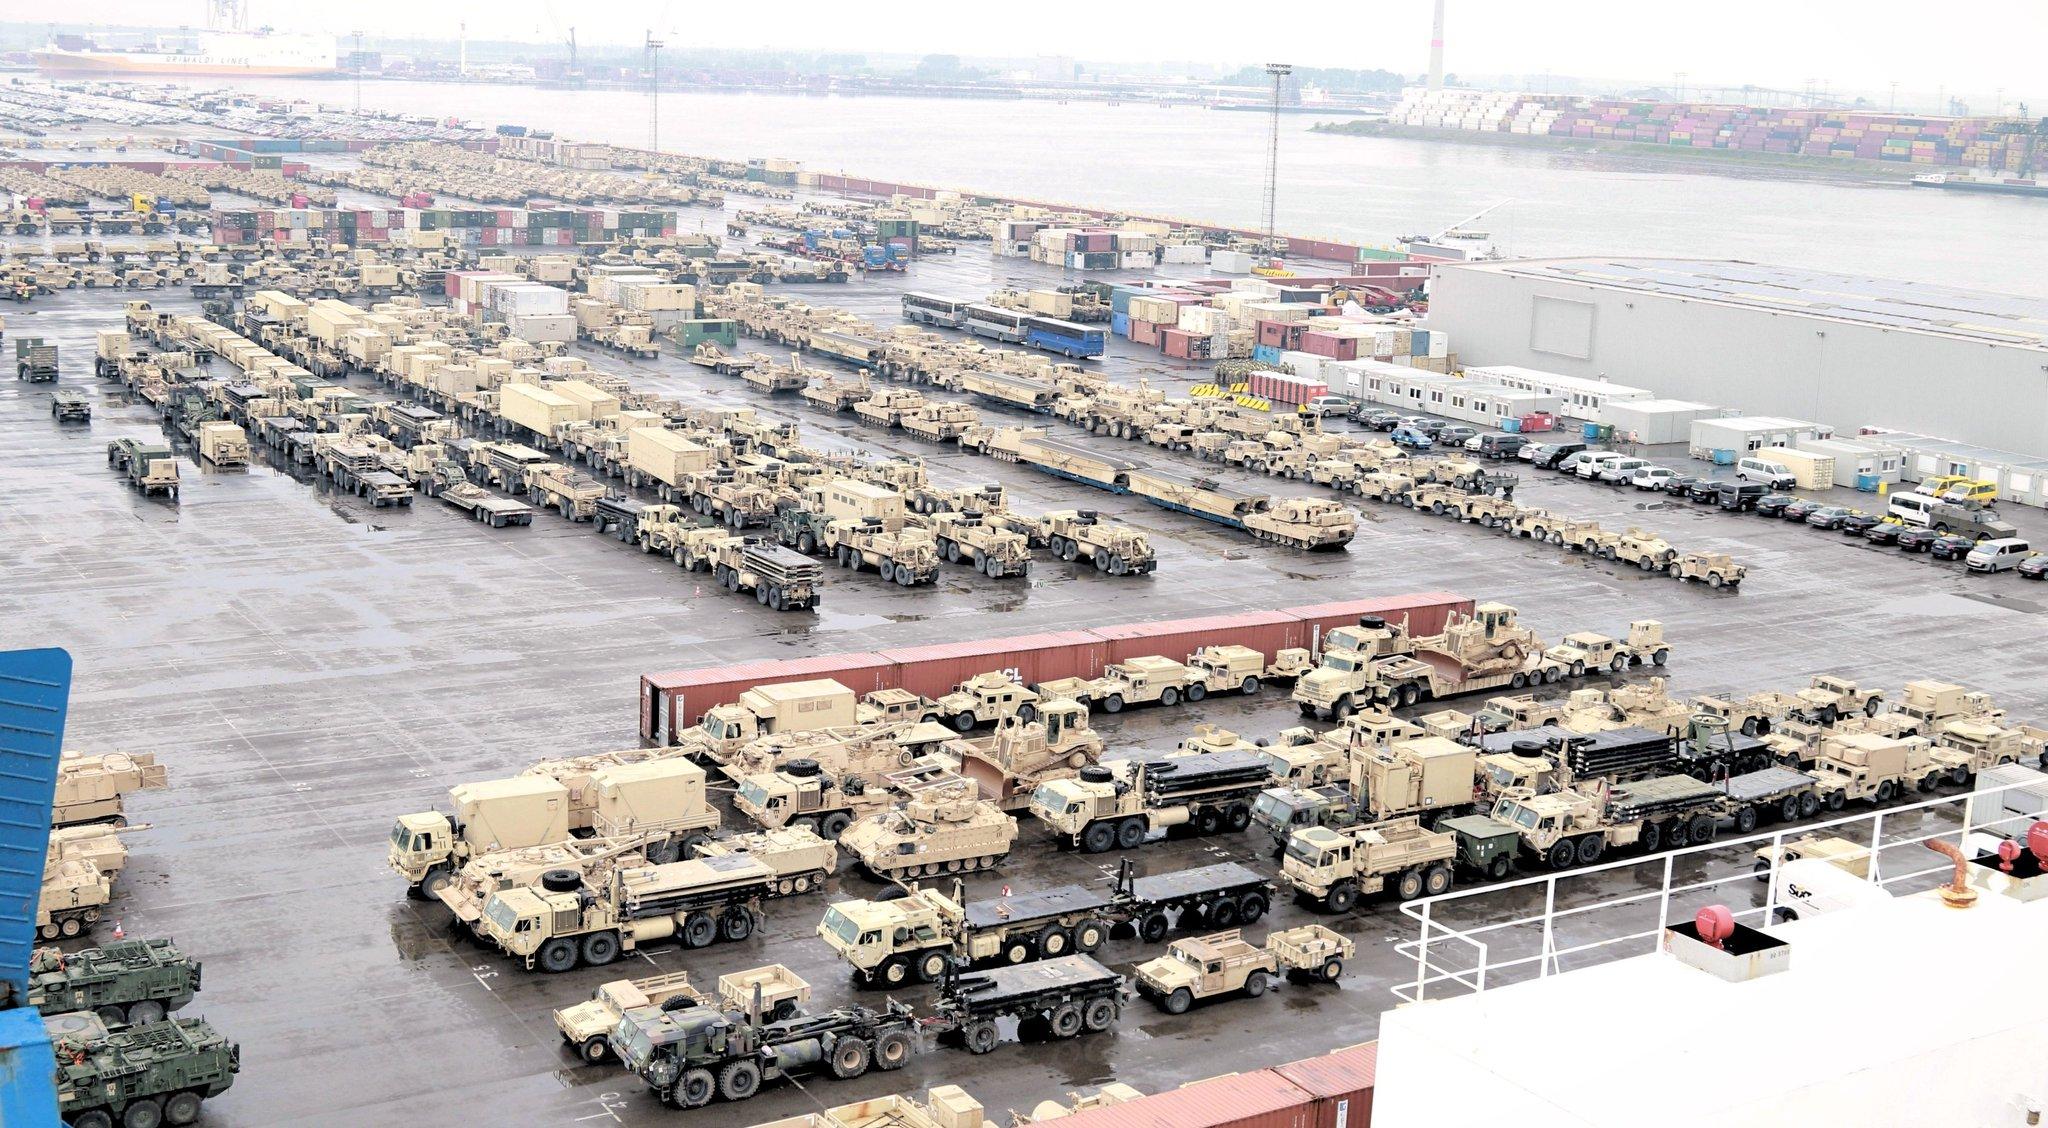 Мнение: Америка готовится к войне? (окончание)